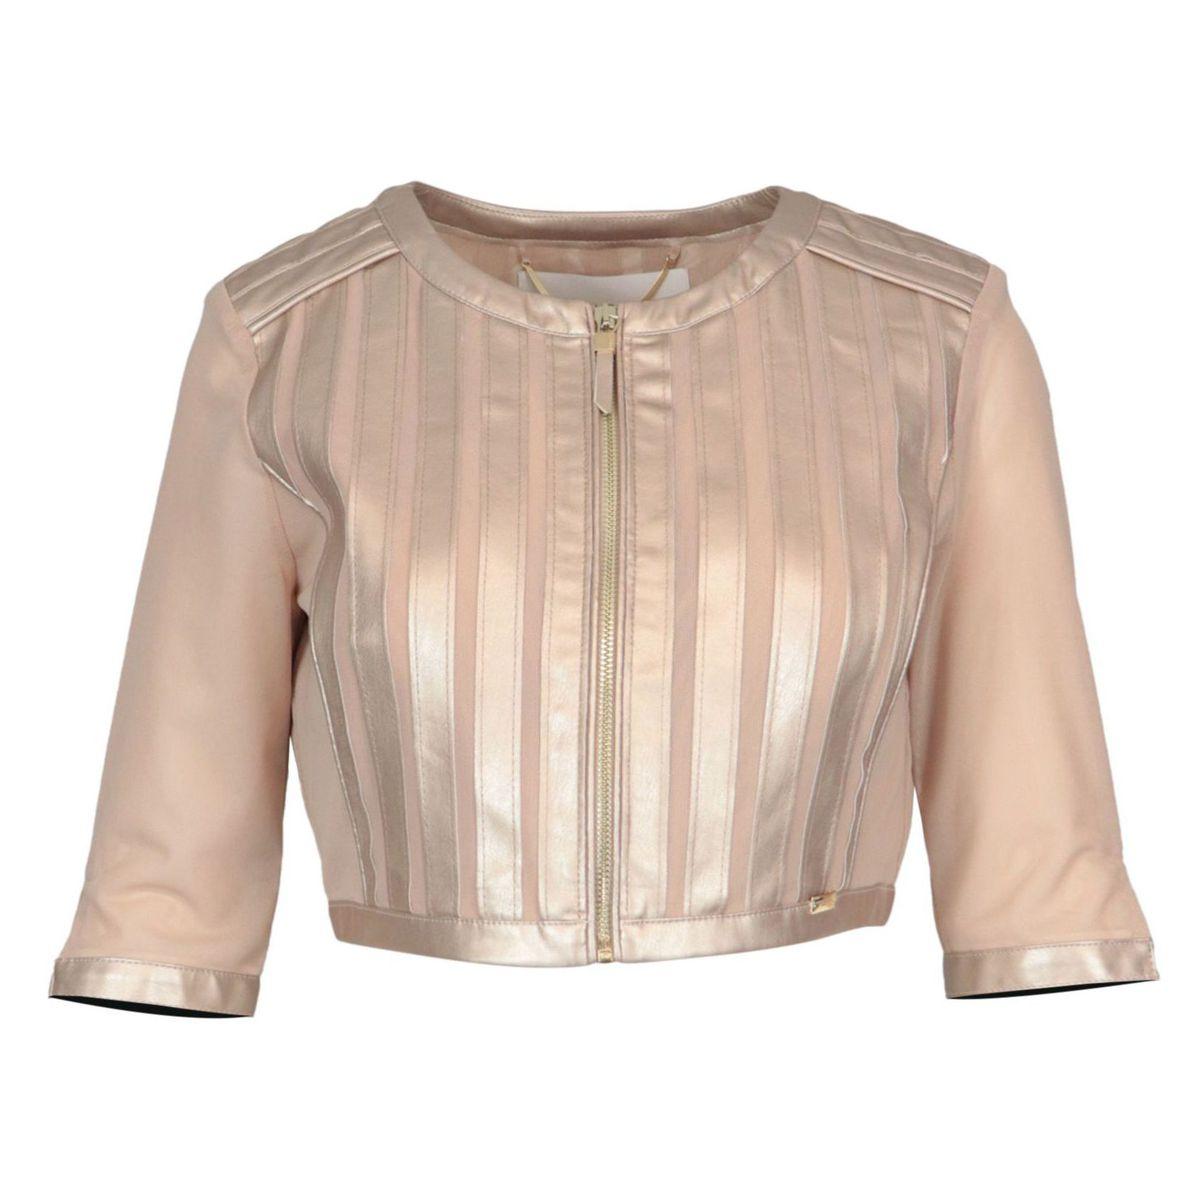 Short double-layered velor jacket with imitation leather inserts Face powder Nenette